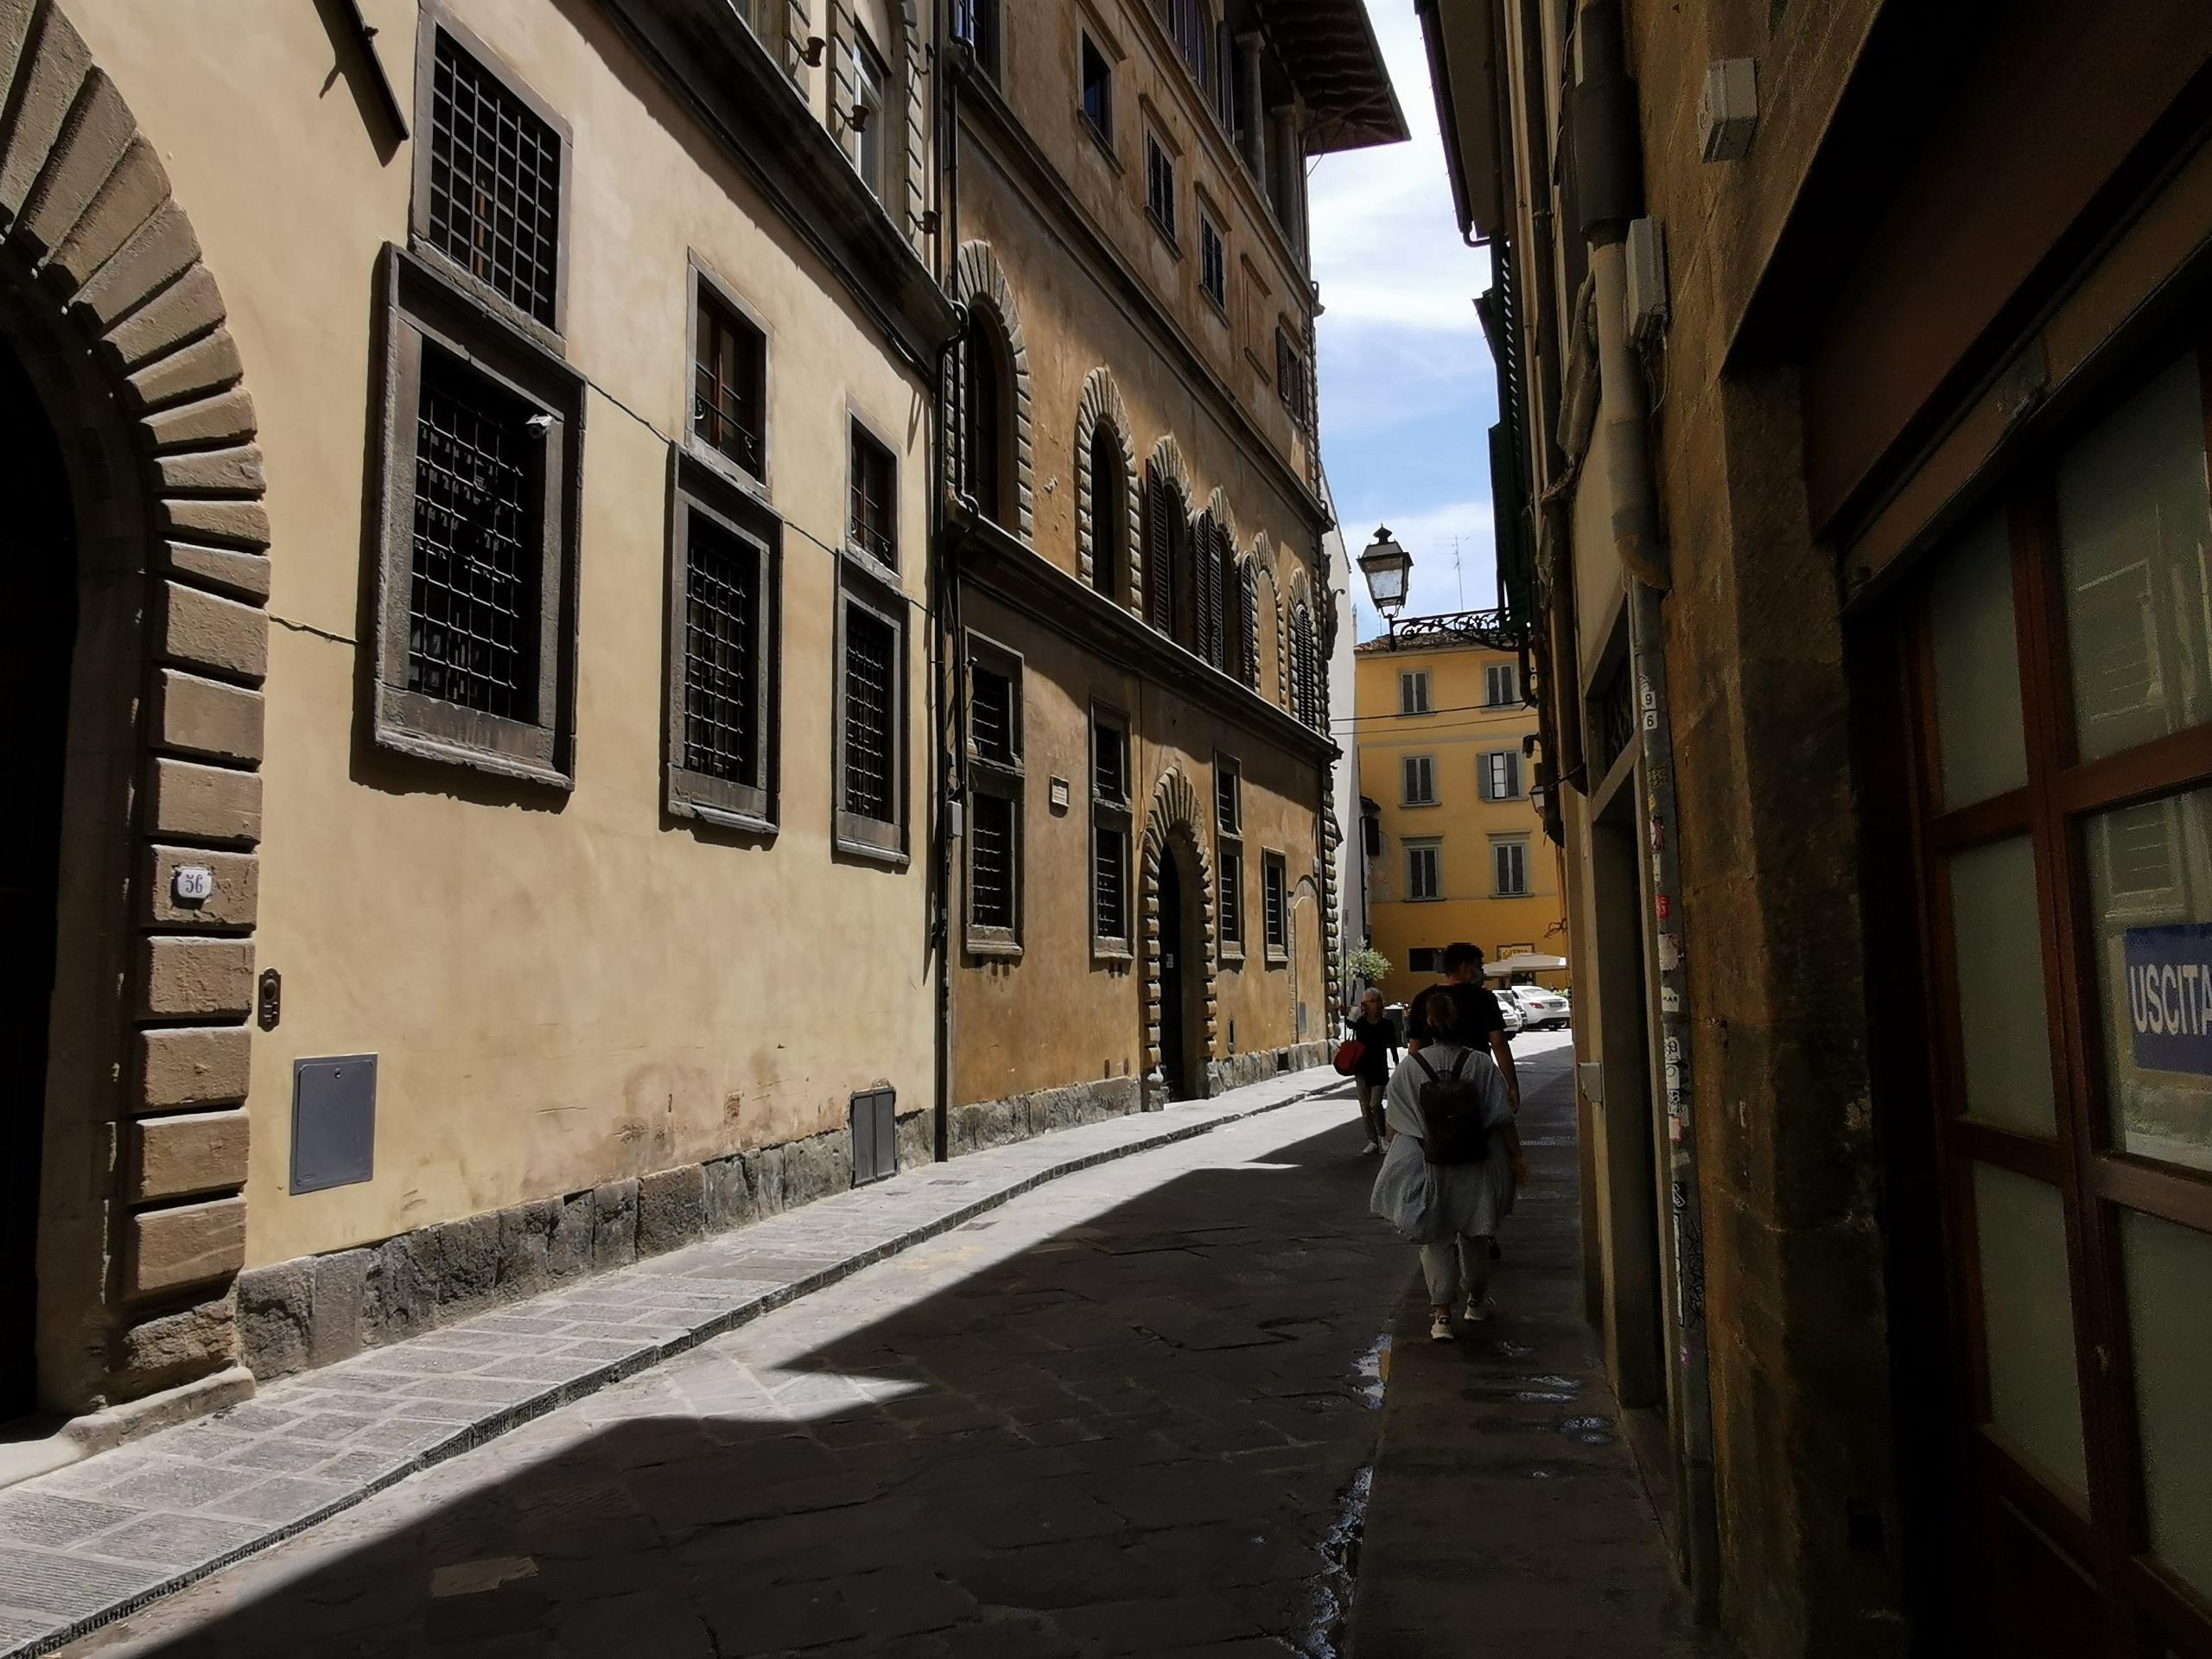 フィレンツェ 旧市街からミケランジェロ広場 徒歩